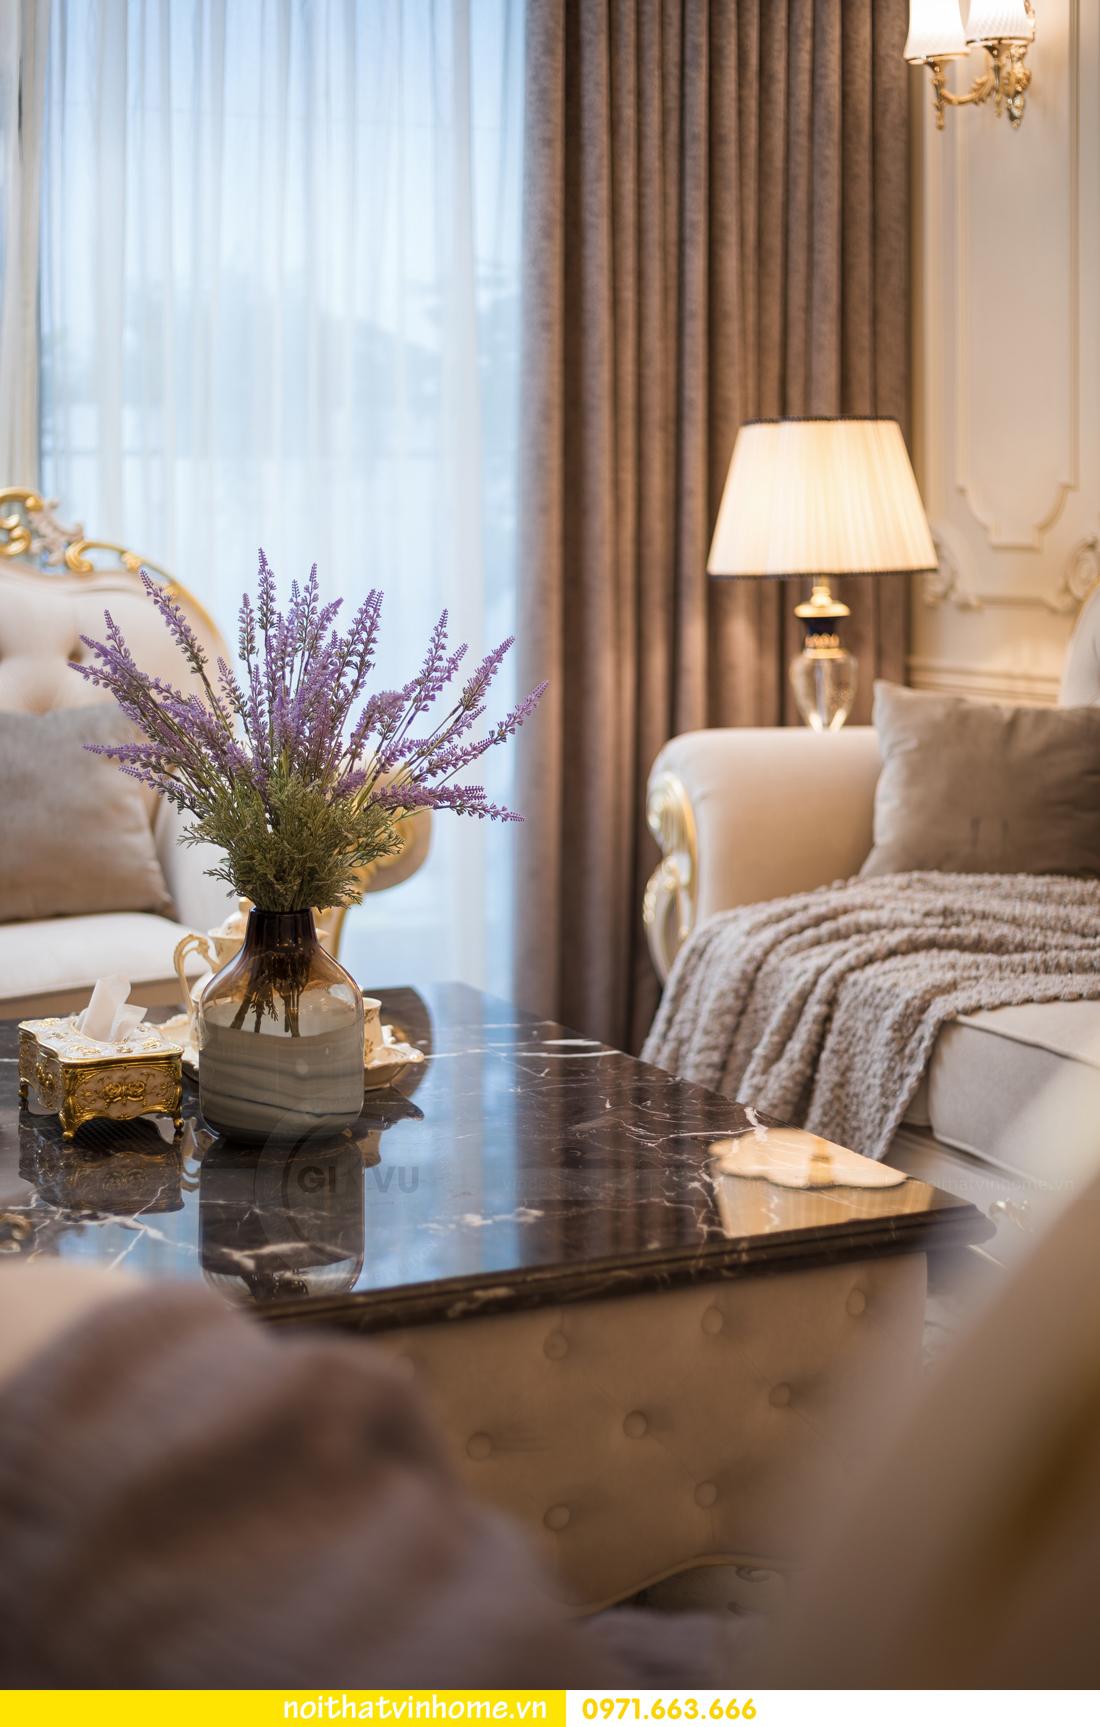 hoàn thiện nội thất chung cư tân cổ điển Vinhomes Green Bay nhà chị Lan 7